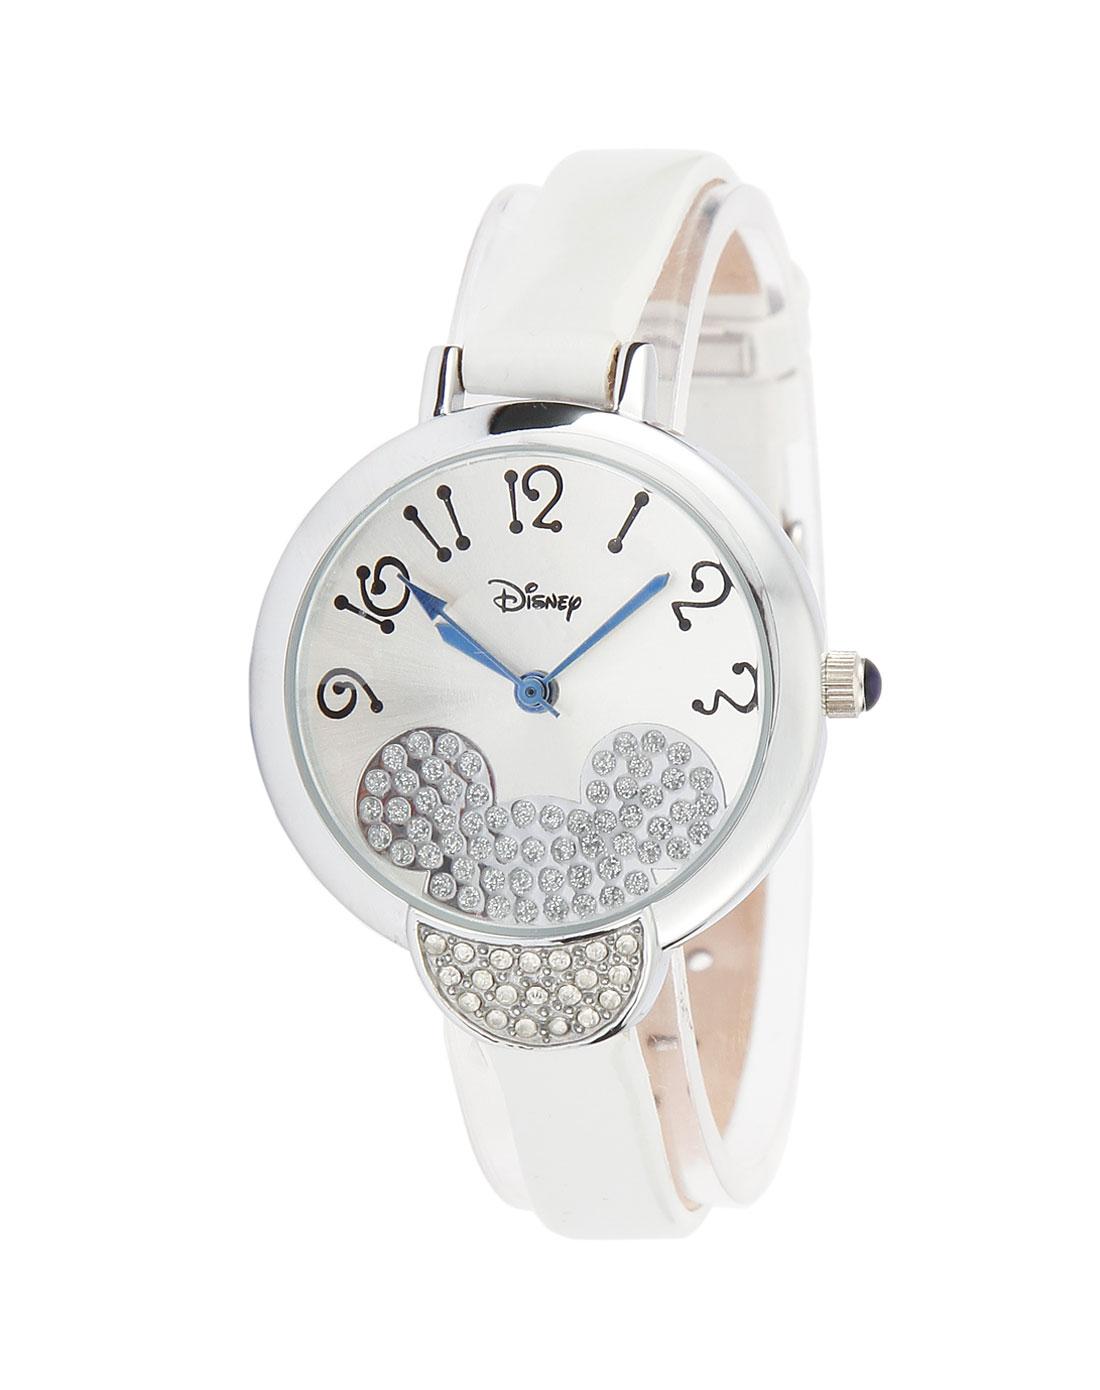 迪士尼disney 女款白色可爱手表